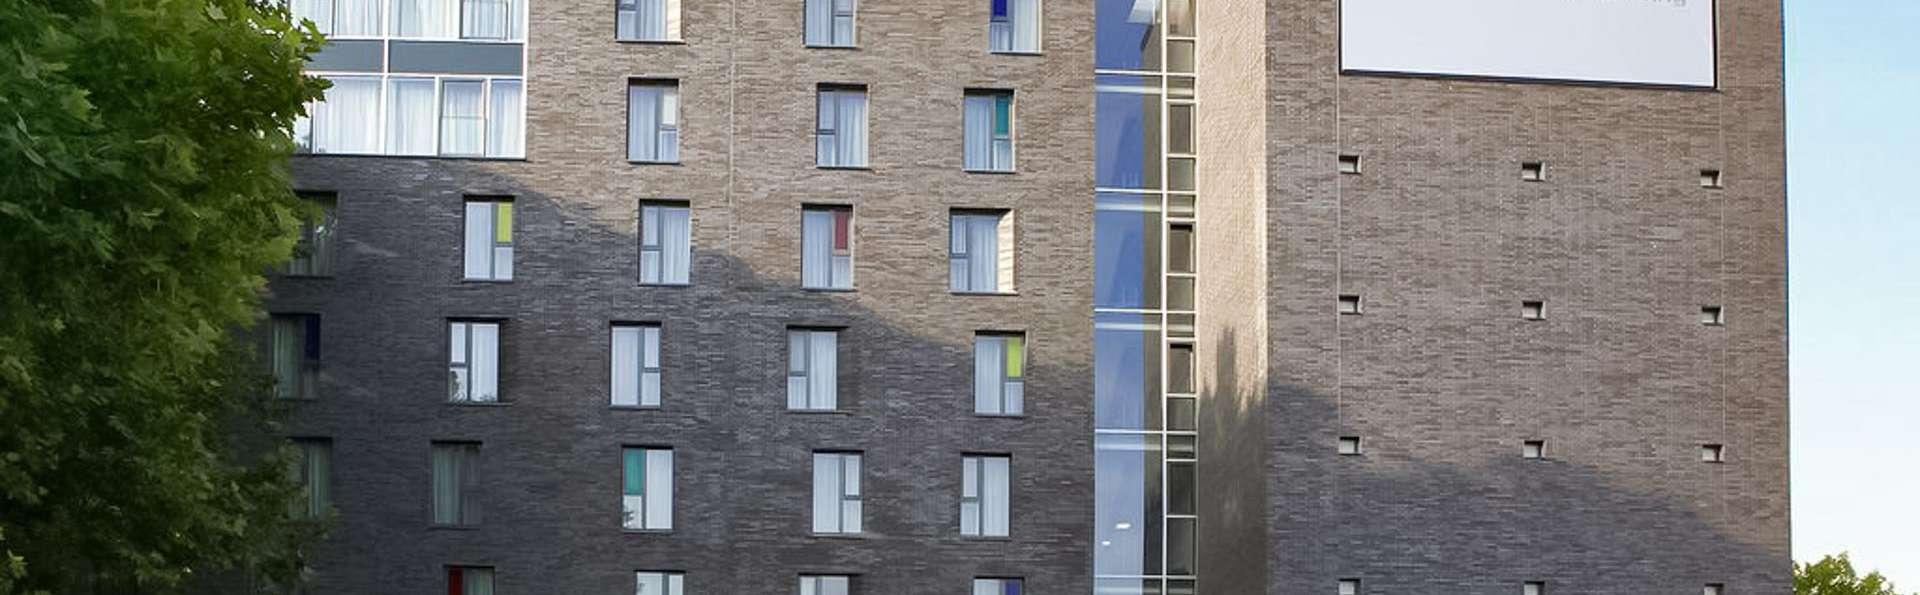 Ghotel Hotel & Living Koblenz - EDIT_FRONT_02.jpg